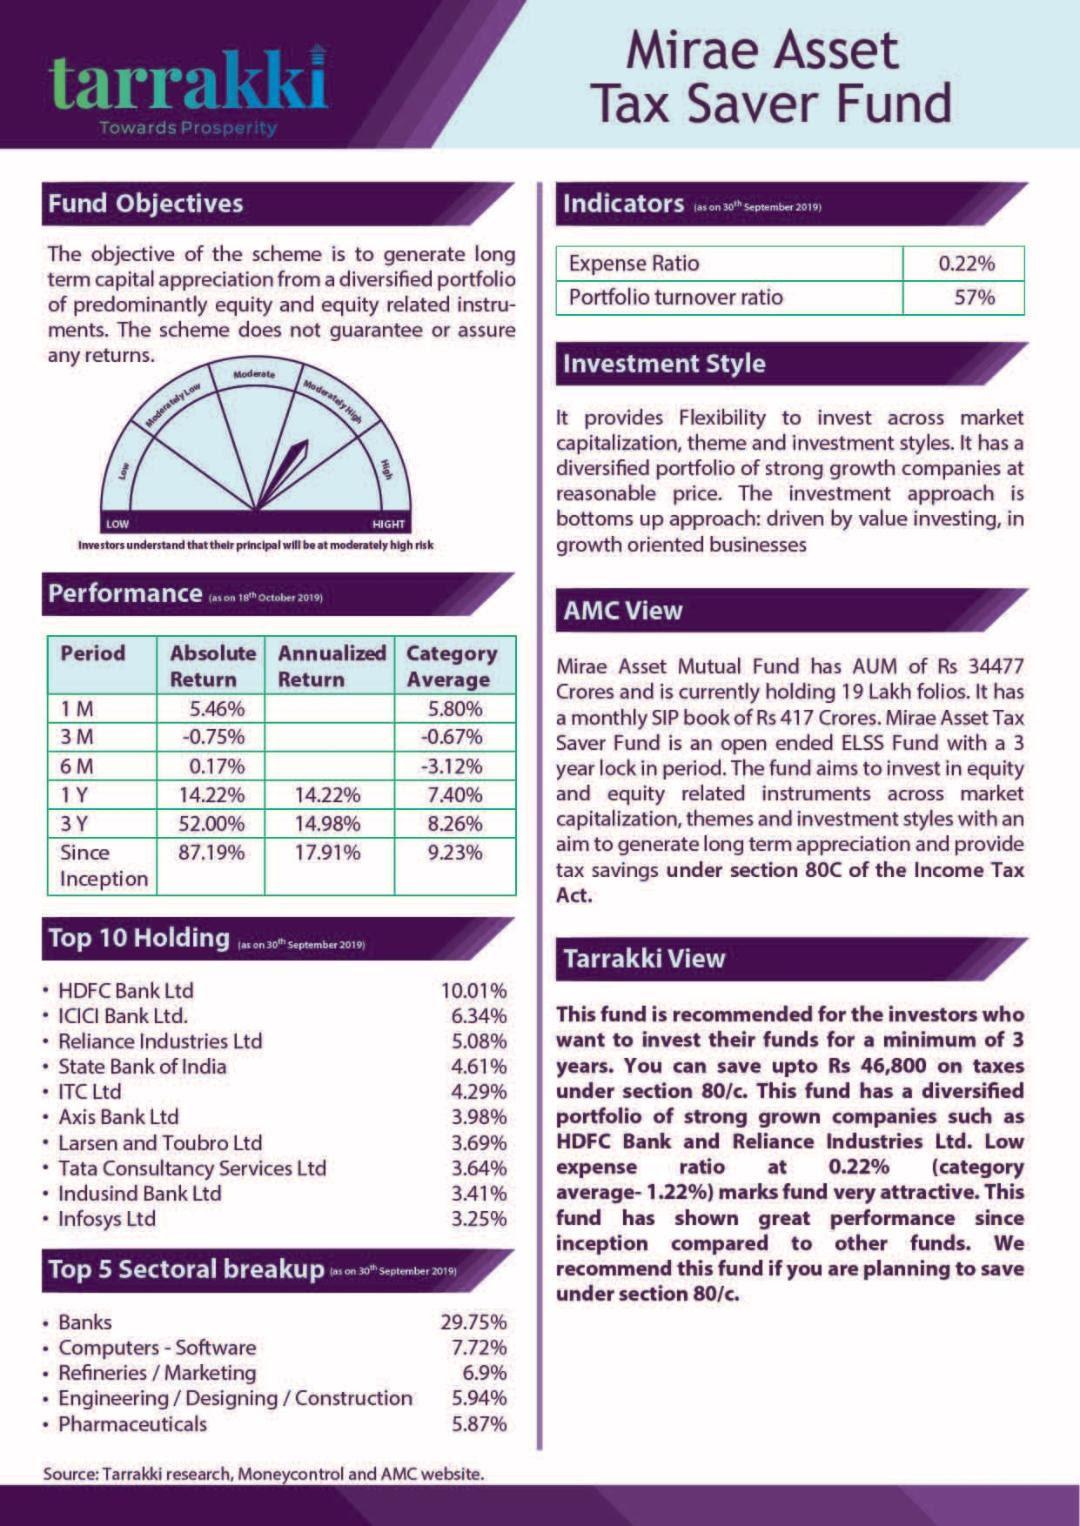 mirae-asset-tax-saver-fund